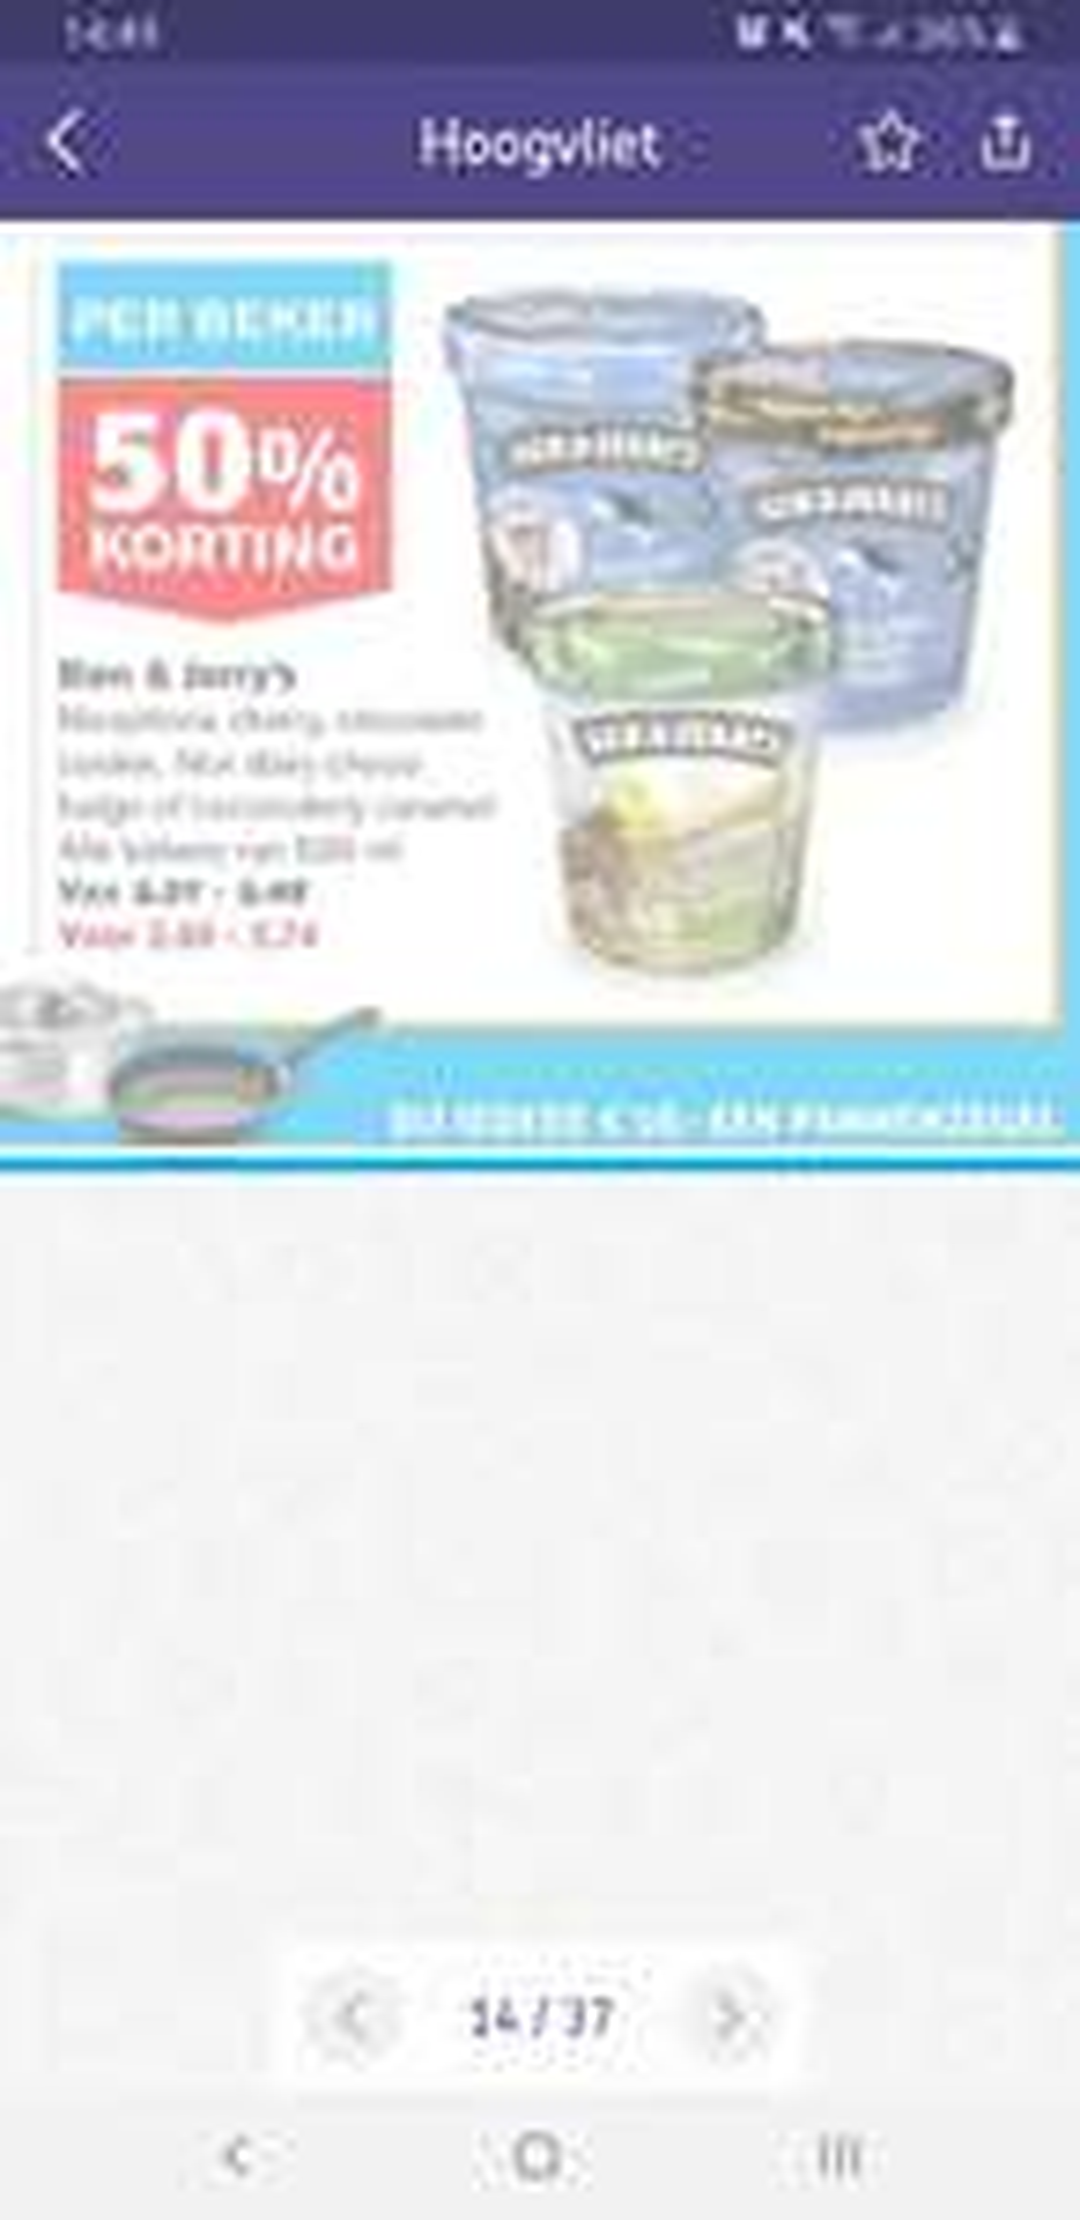 Ben&Jerry's 50% korting @Hoogvliet